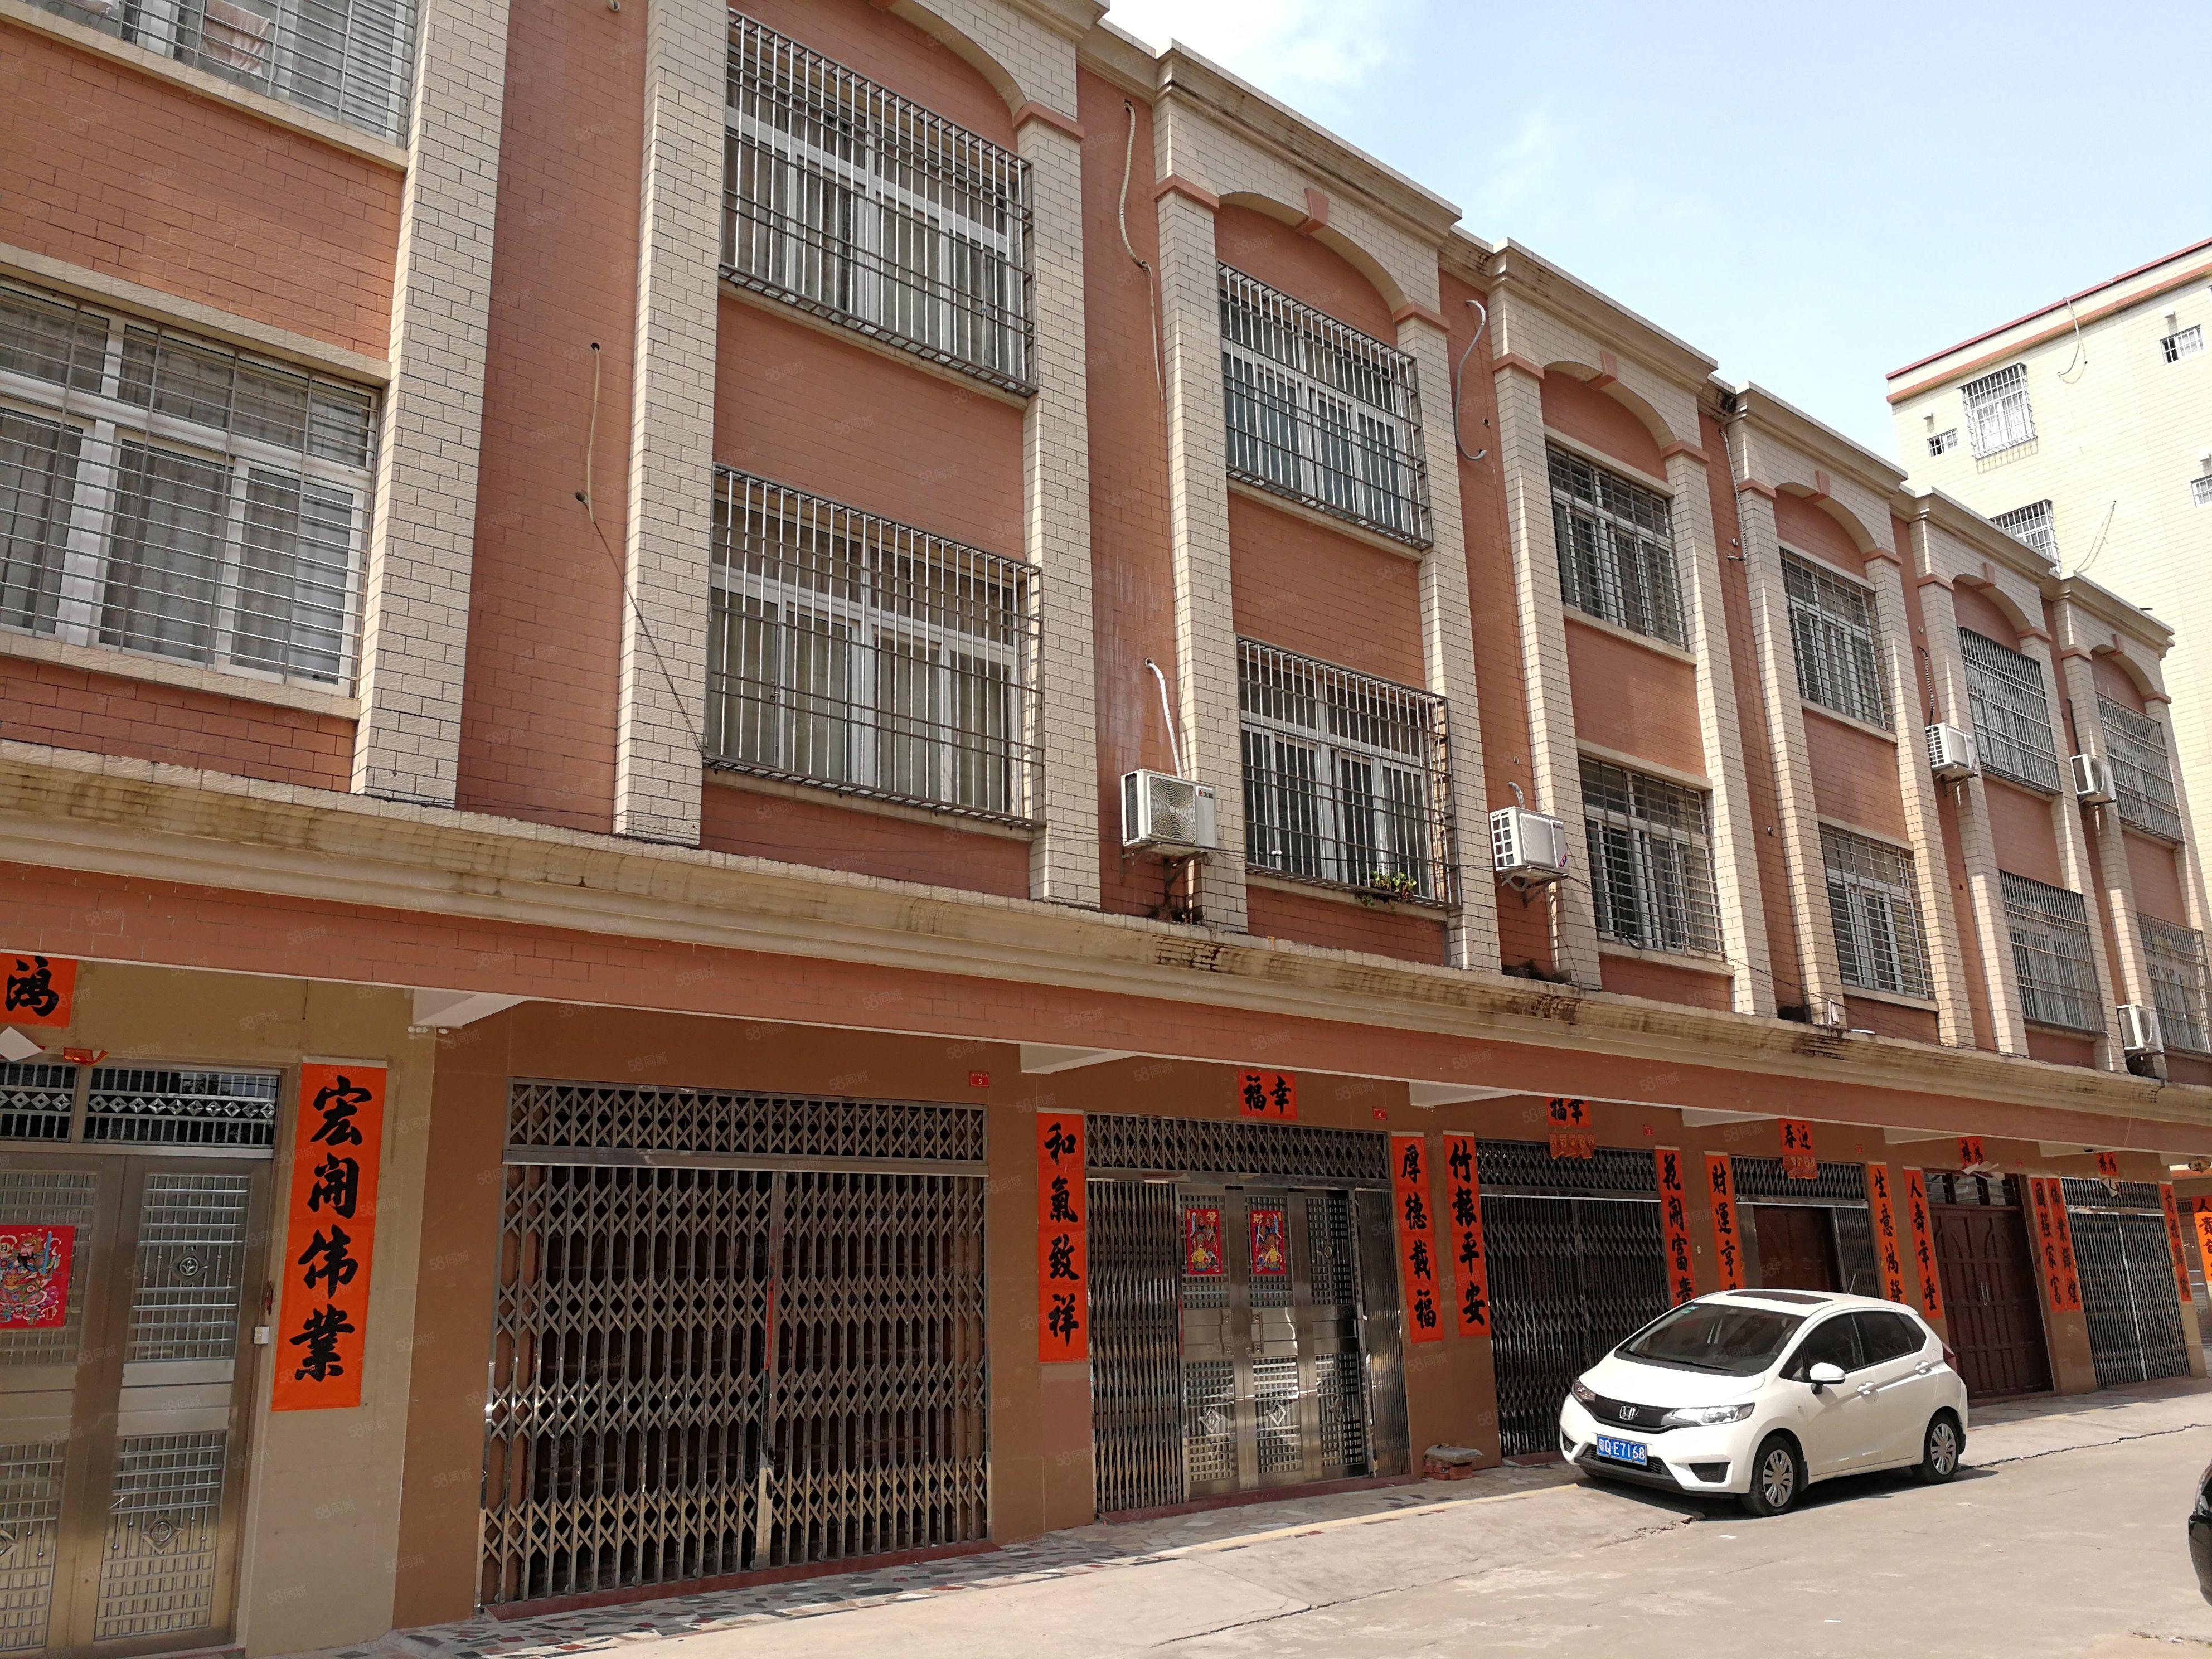 阳东体育馆附近三层半私宅